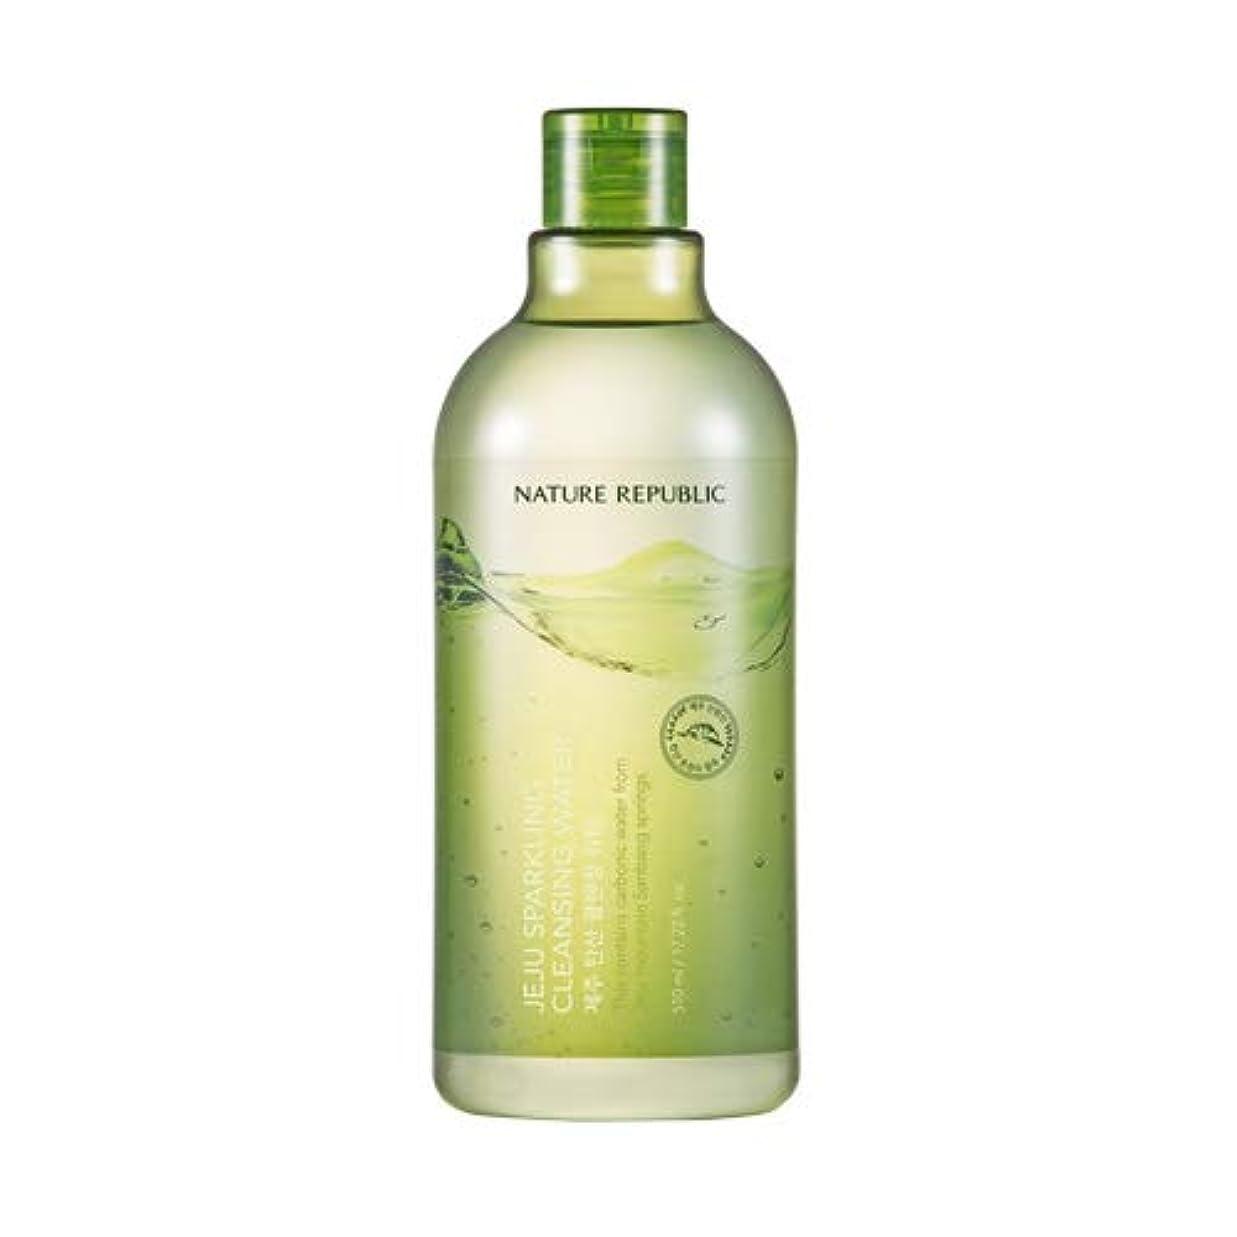 休眠イタリアのセラフNature republic Jeju Sparkling(Carbonic) Cleansing Water ネイチャーリパブリック済州炭酸クレンジングウォーター 510ml [並行輸入品]